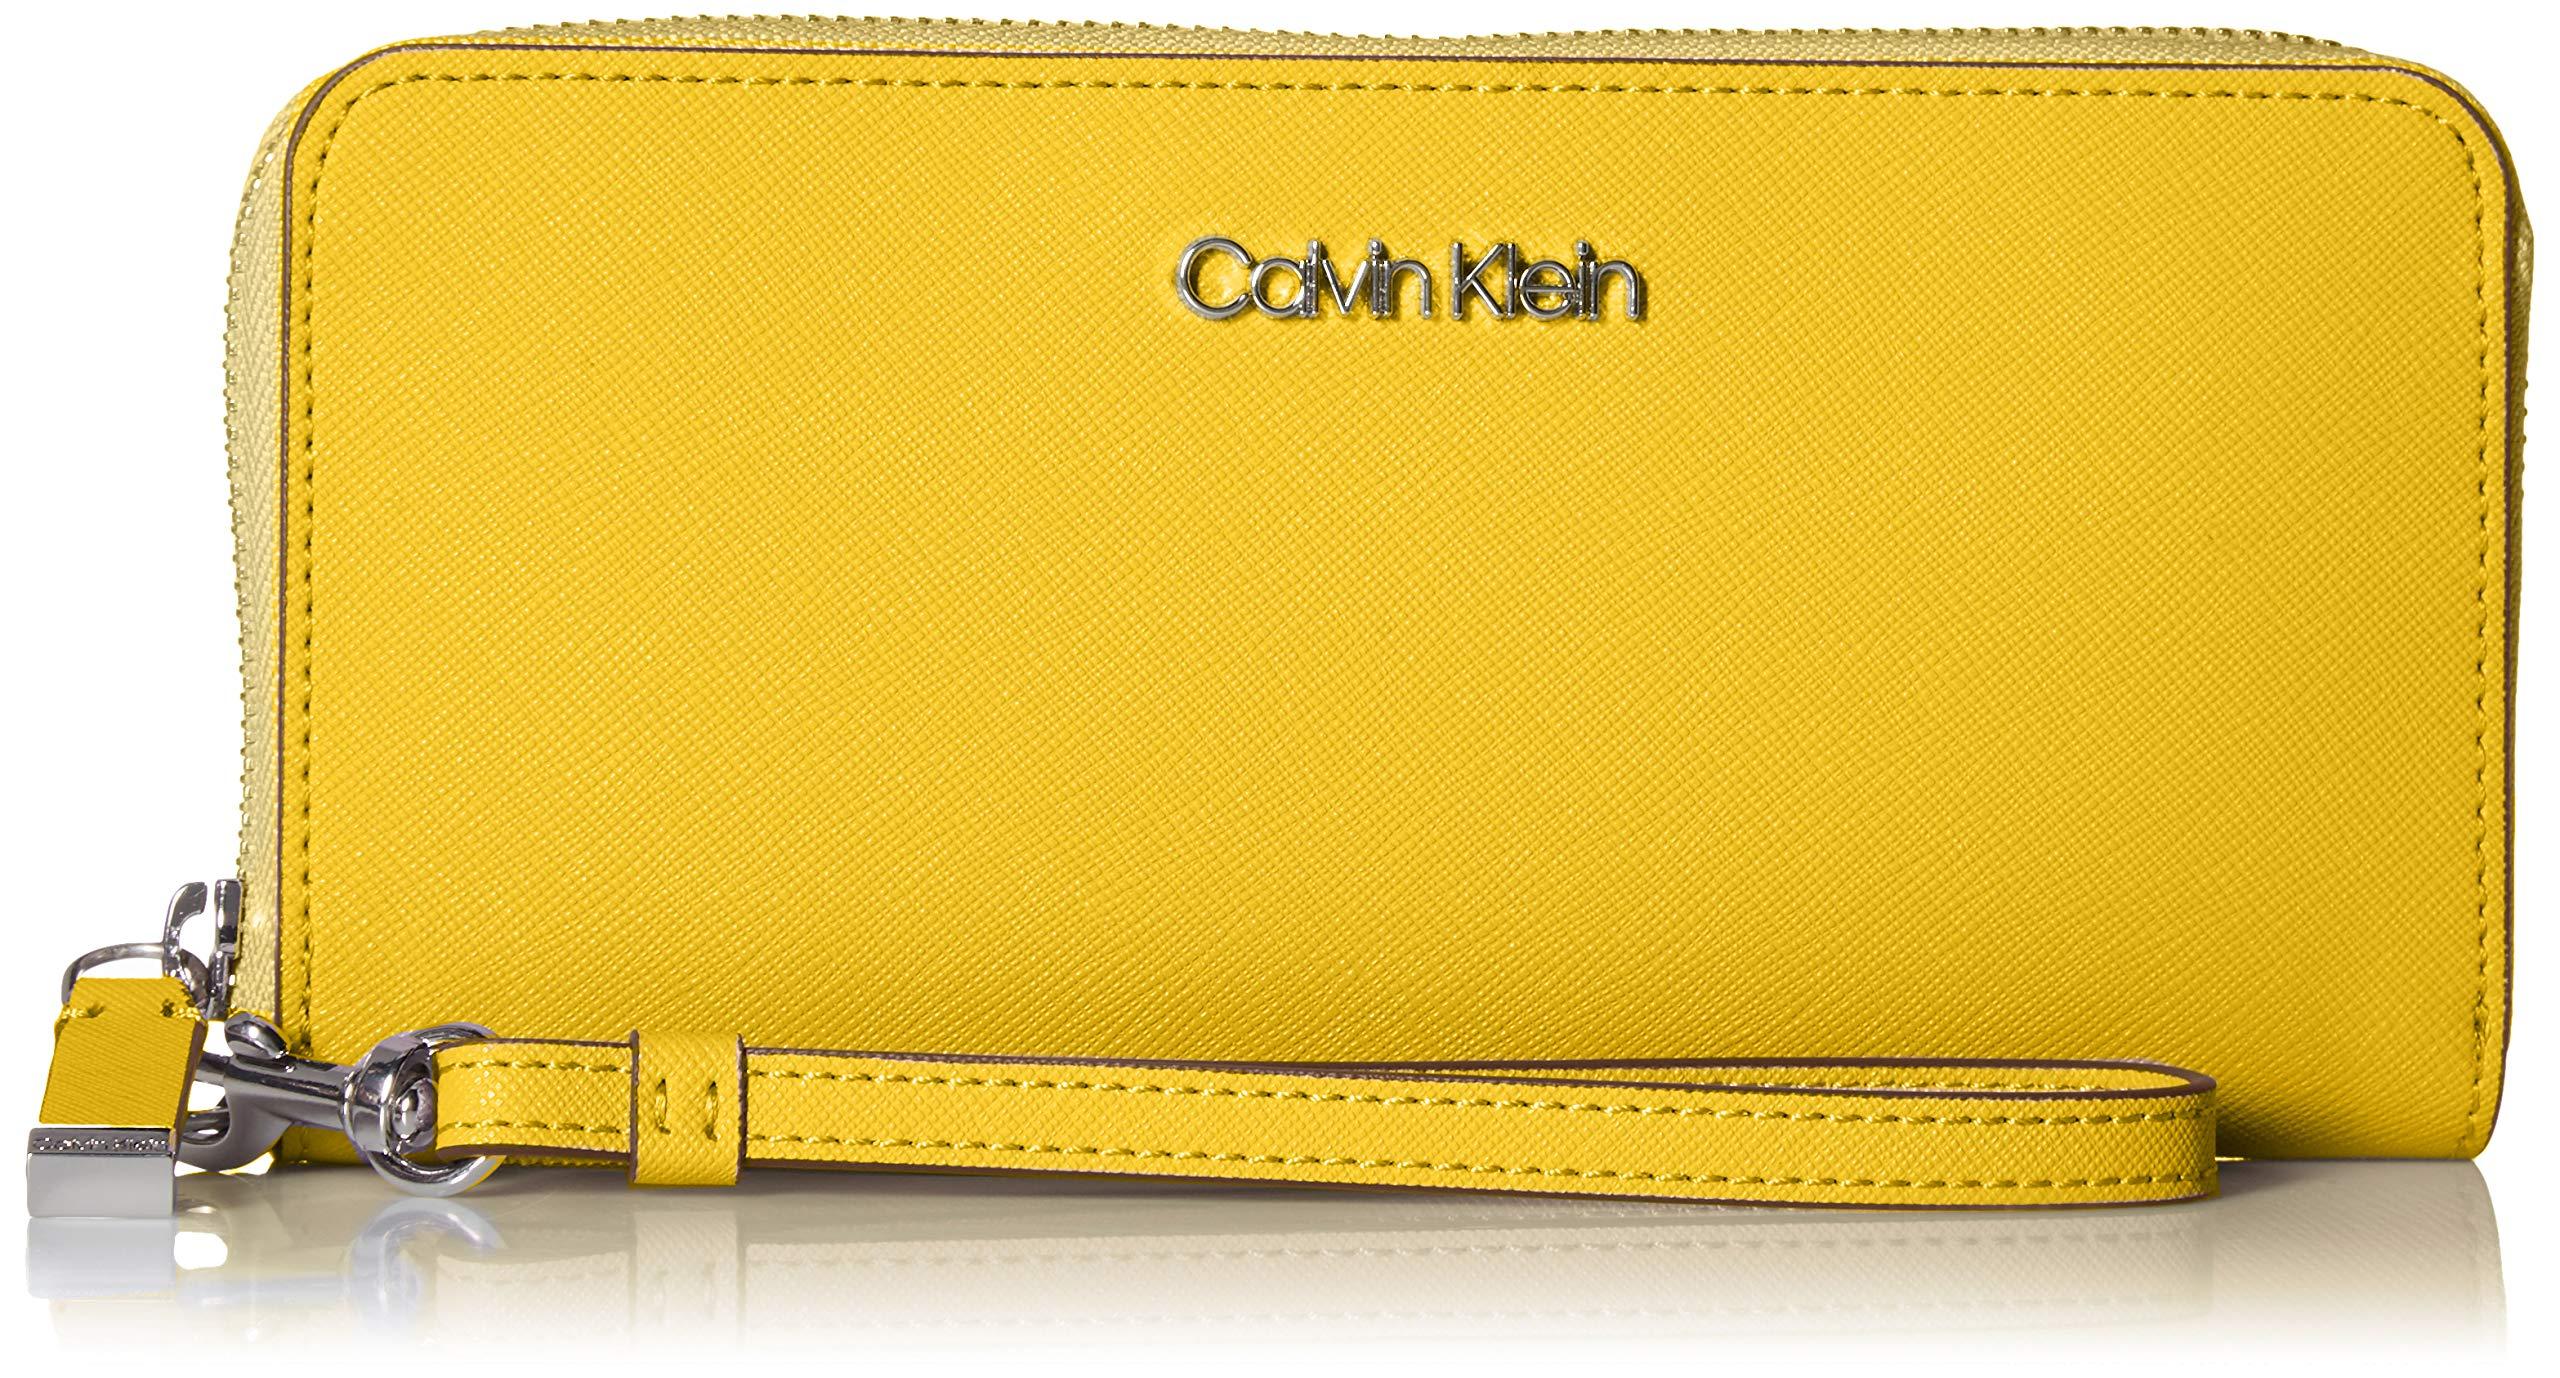 Calvin Klein Key Item Saffiano Continental Zip Around Wallet with Wristlet Strap